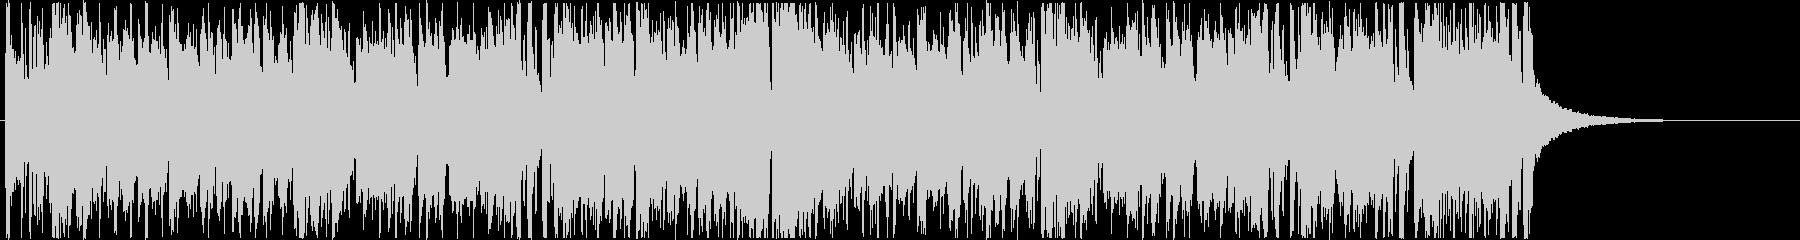 結果発表 ハイテンションなディスコ曲の未再生の波形